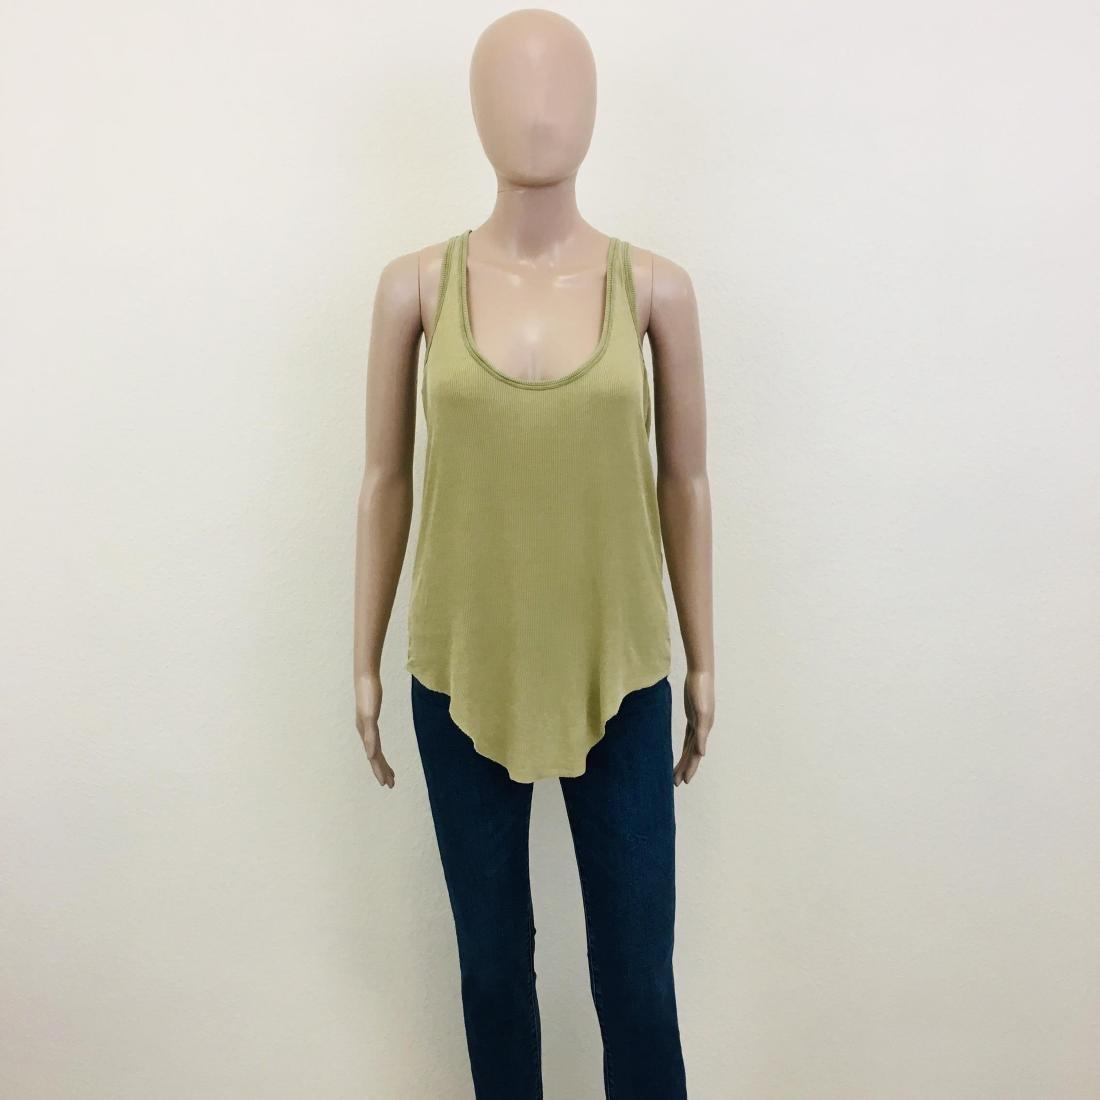 New Women's ZARA Top Blouse Size L - 2